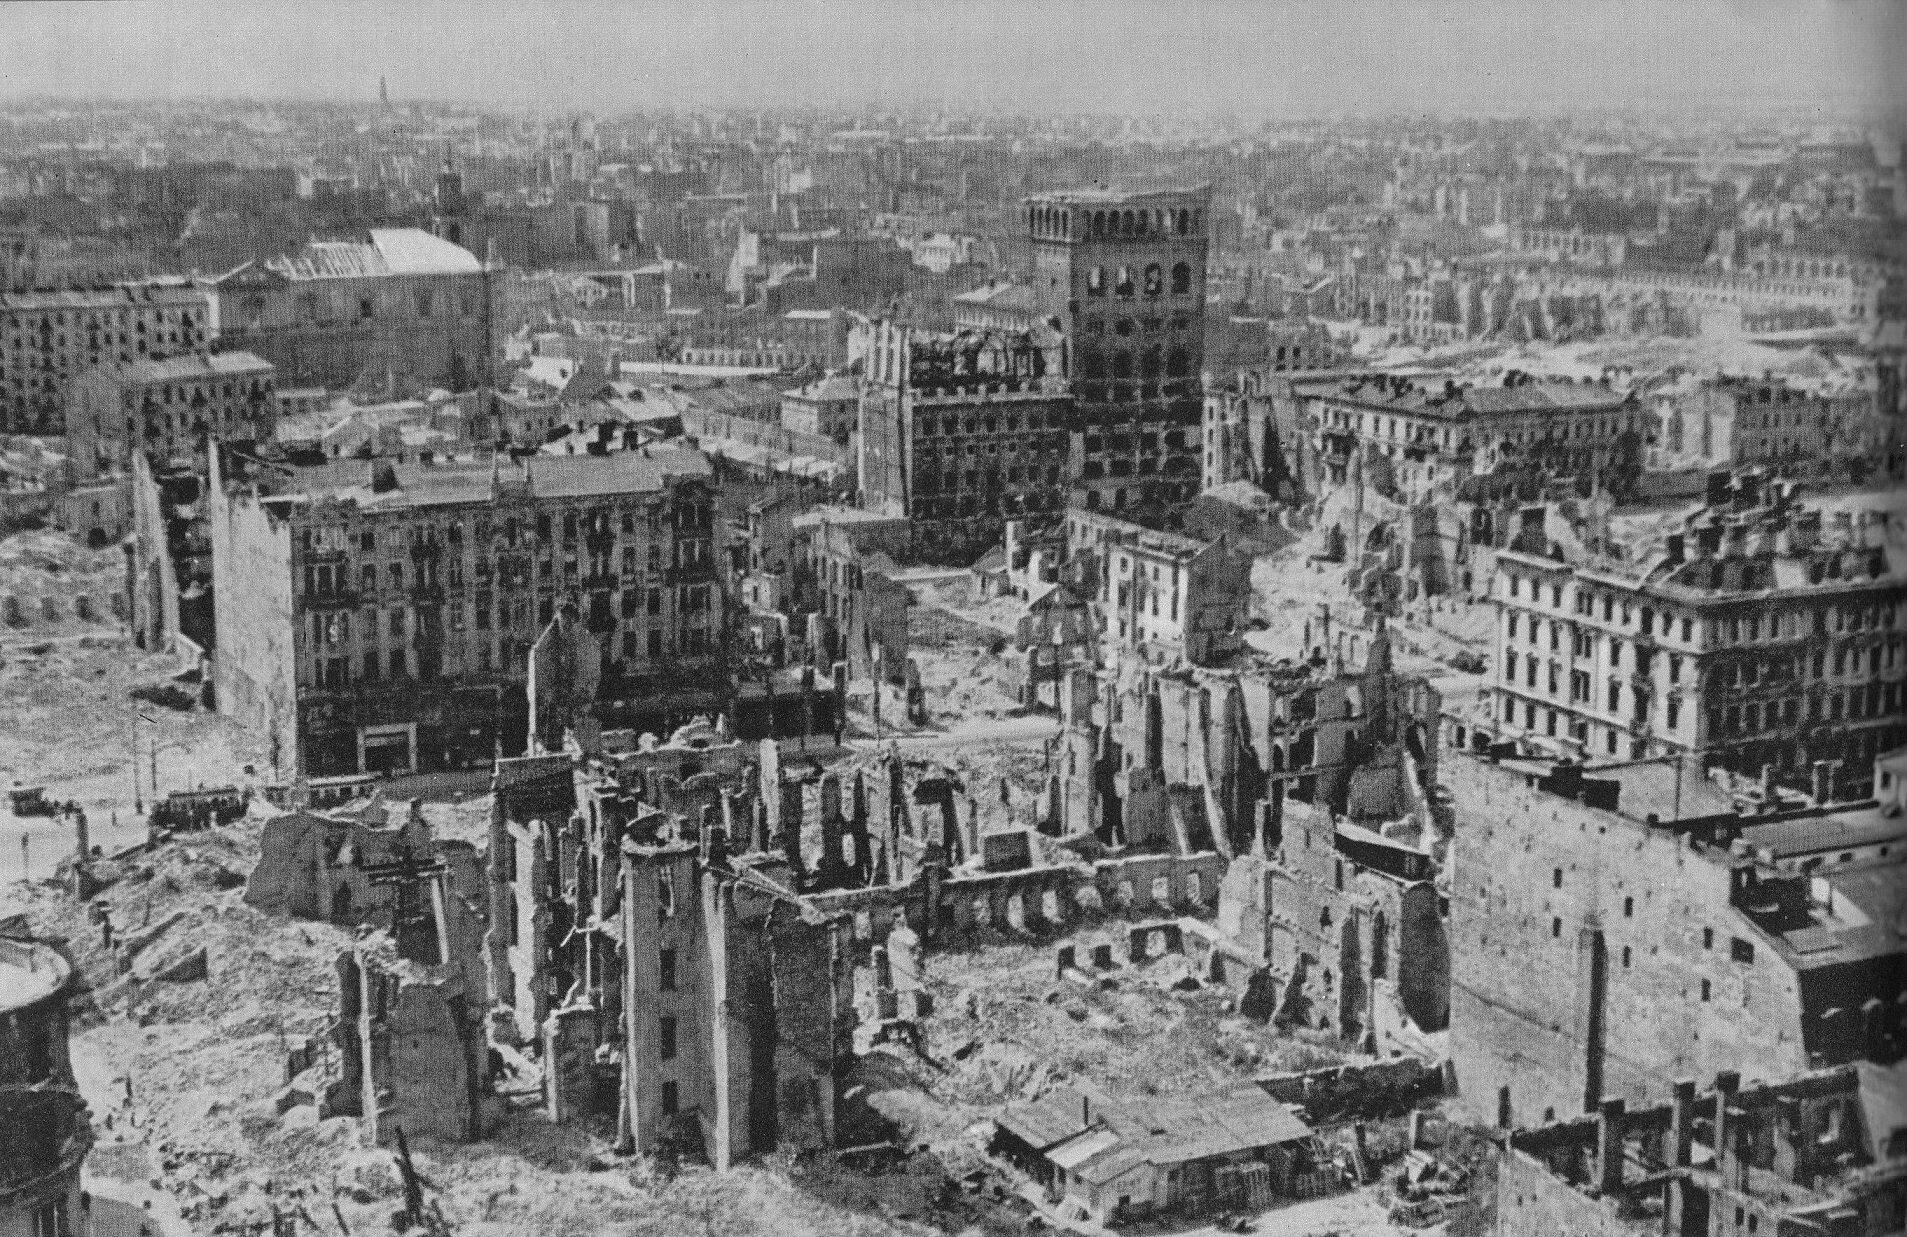 Walki o wieżowiec warszawskiej PAST-y (Polskiej Akcyjnej Spółki Telefonicznej) przeszły do legendy powstania. Budynku bronili: